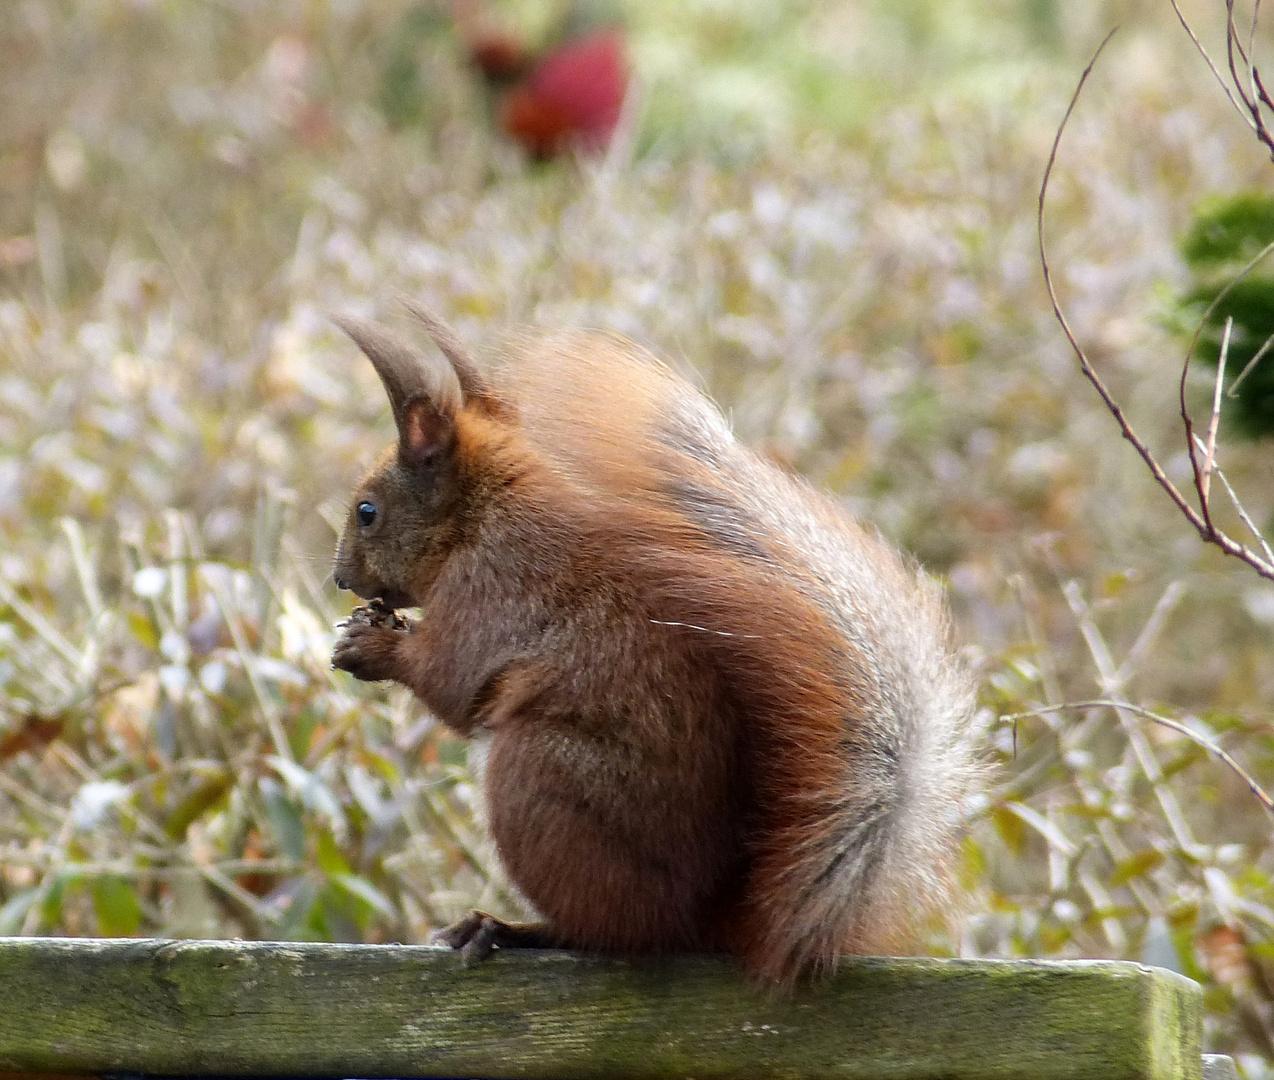 Eichhörnchen - Frühstück mit Ostwind :)